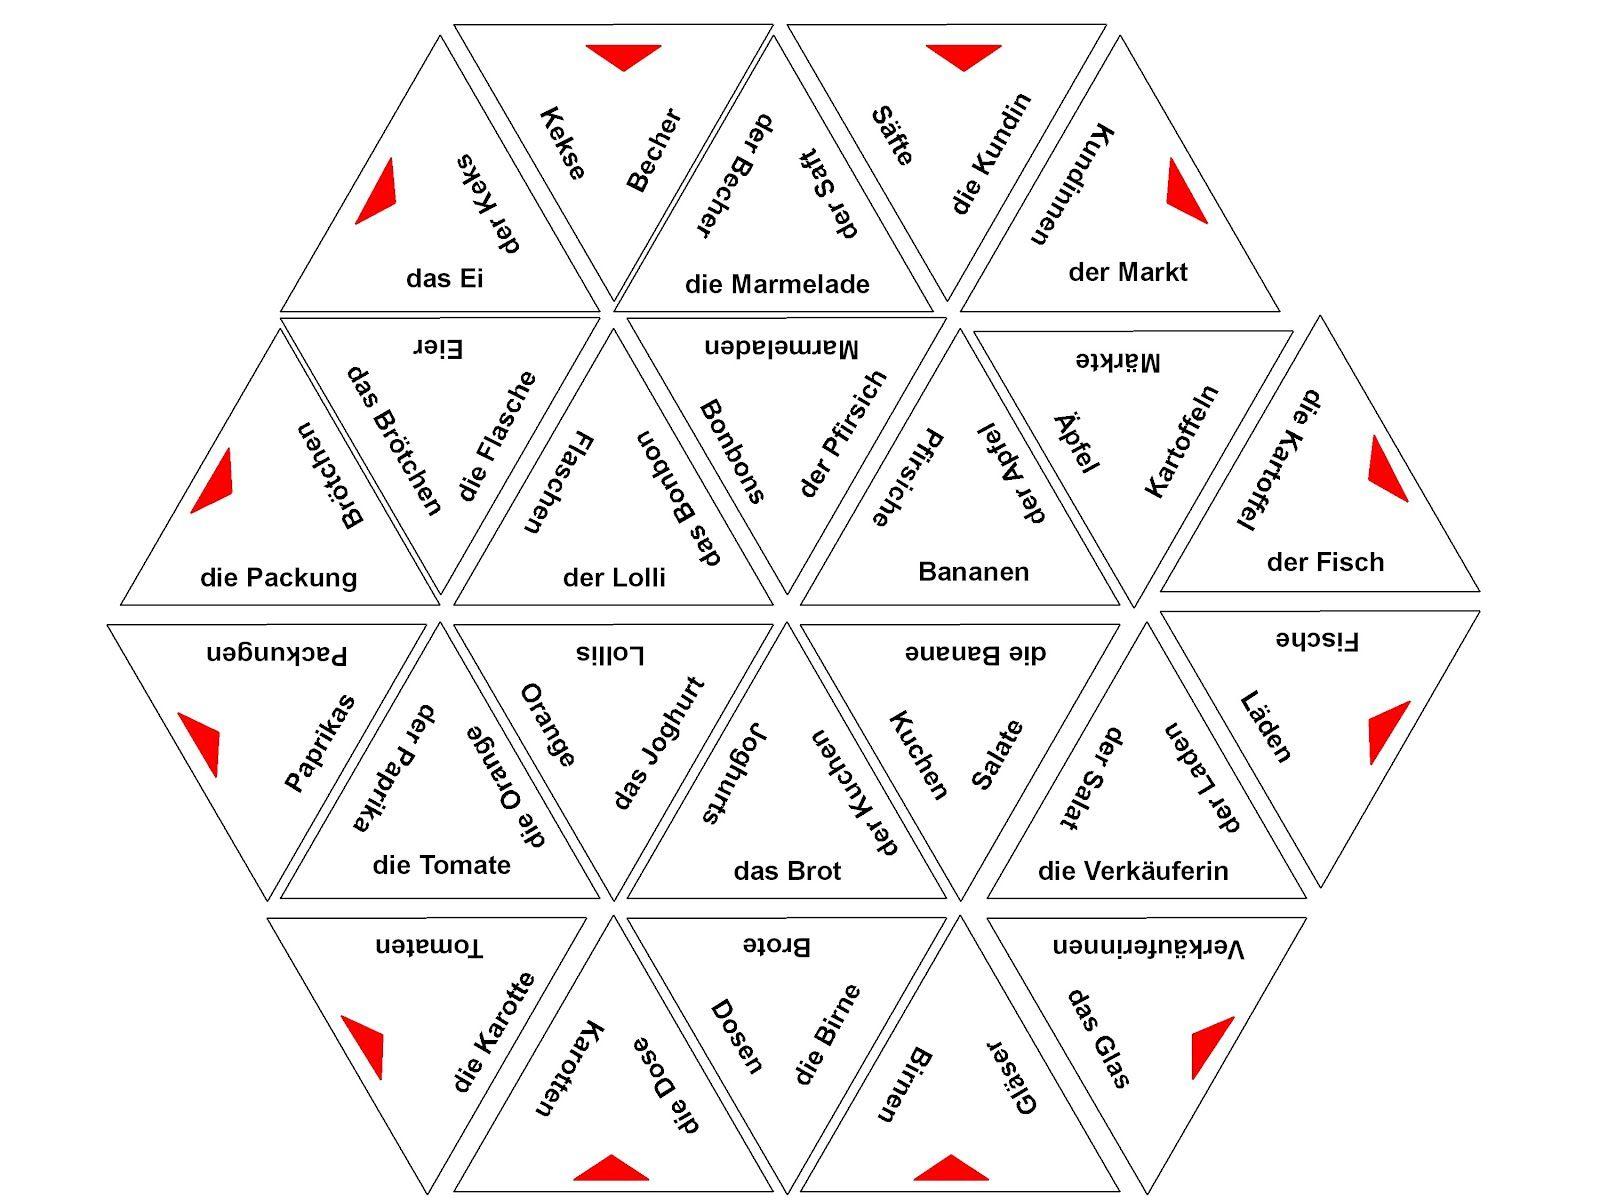 Tangram Spiel Wortschatz Einkaufen Lebensmittel